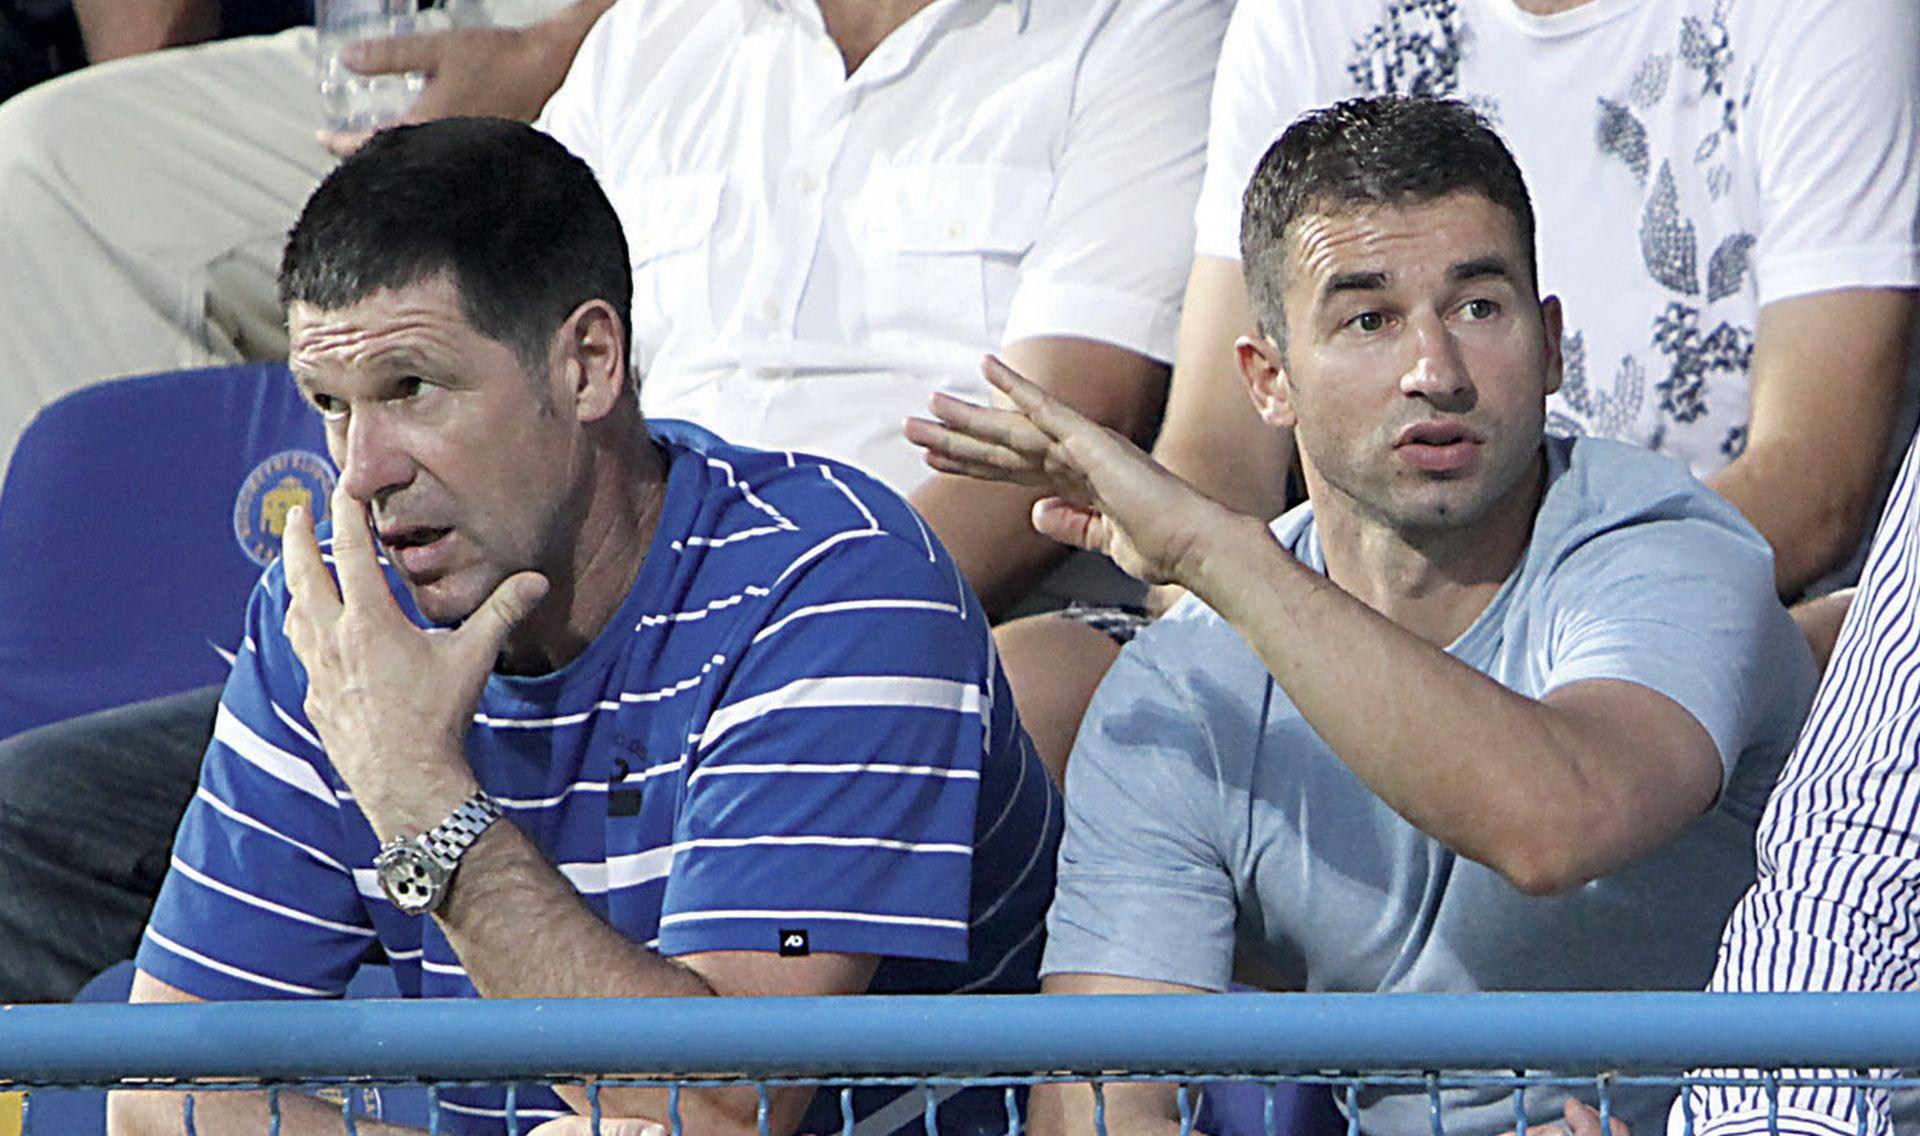 Nogometaš koji je pretukao suradnika Nacionala već je ranije osuđivan